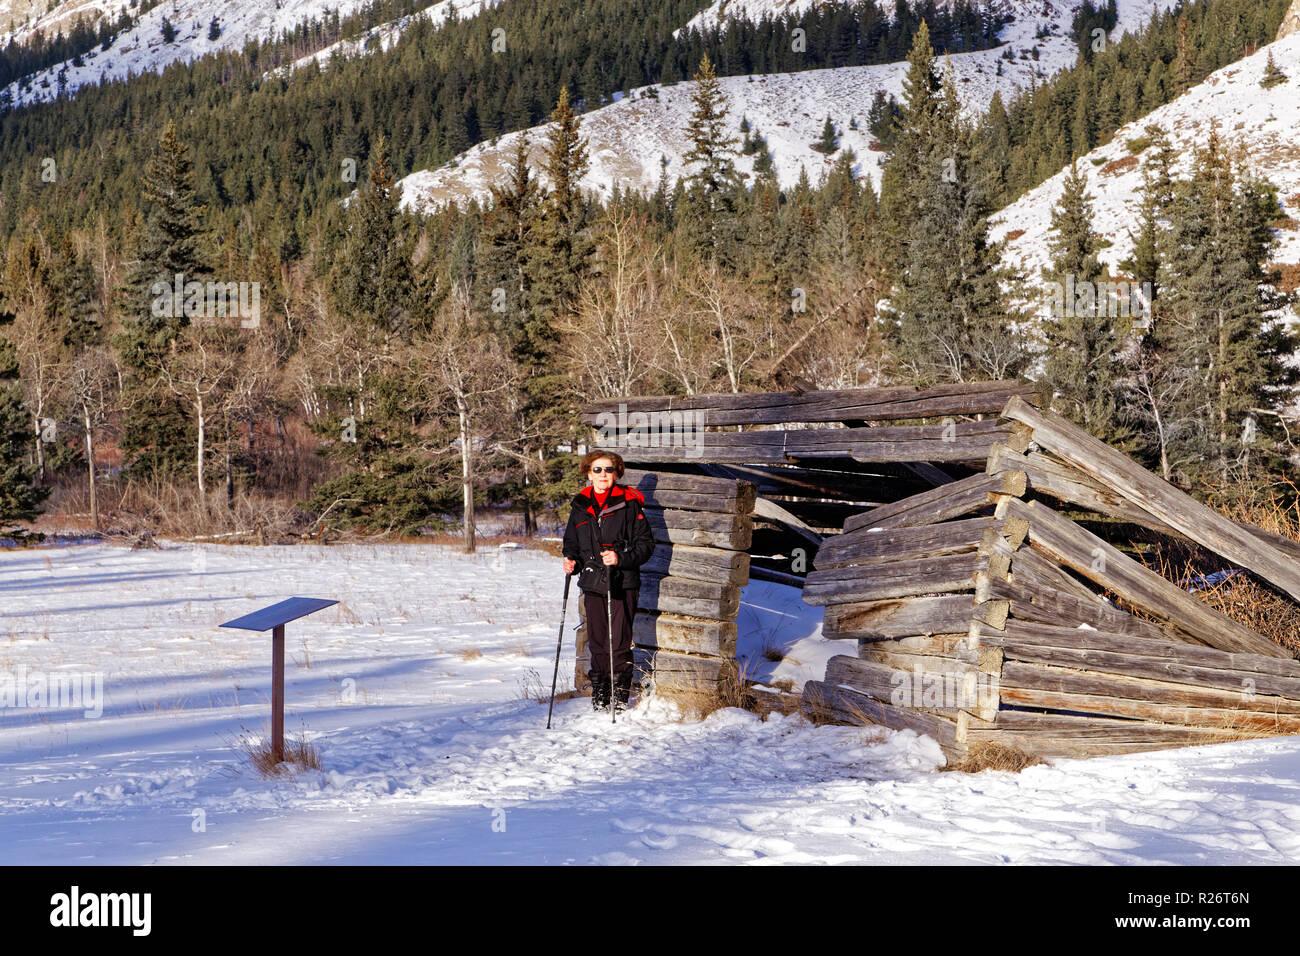 42,750.09107 close up, Donna persona escursionismo in piedi nella neve a piatto Moberly Log Cabin costruito intorno al 1909, il Parco Nazionale di Jasper, foresta di conifere backgr Foto Stock